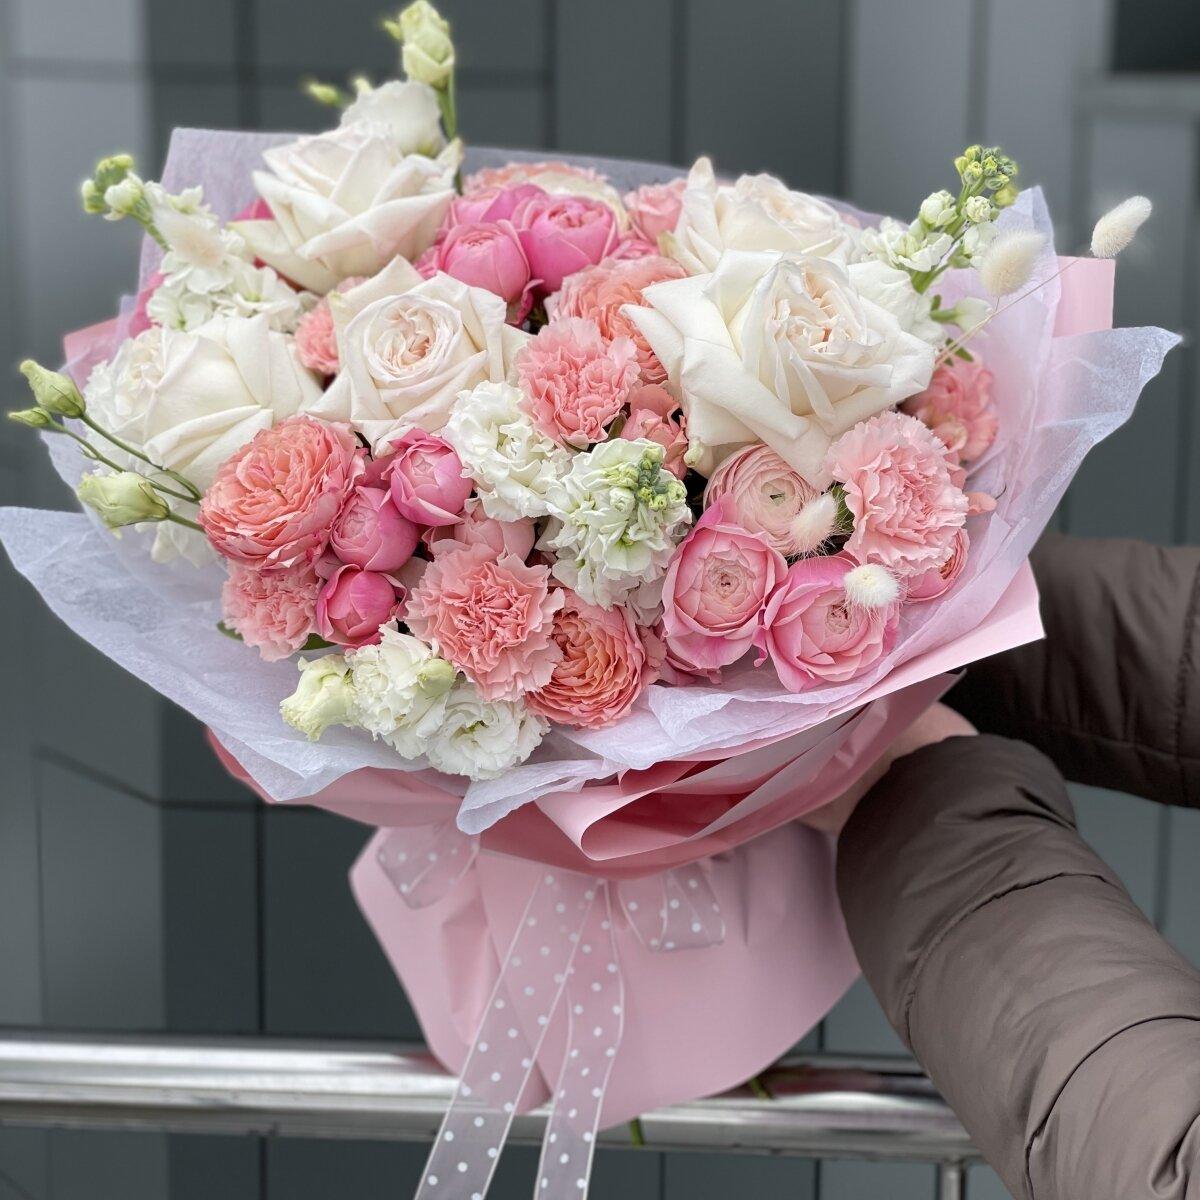 Букет Принцесса Лебедь из ранункулюсов, роз, эустомы, маттиолы